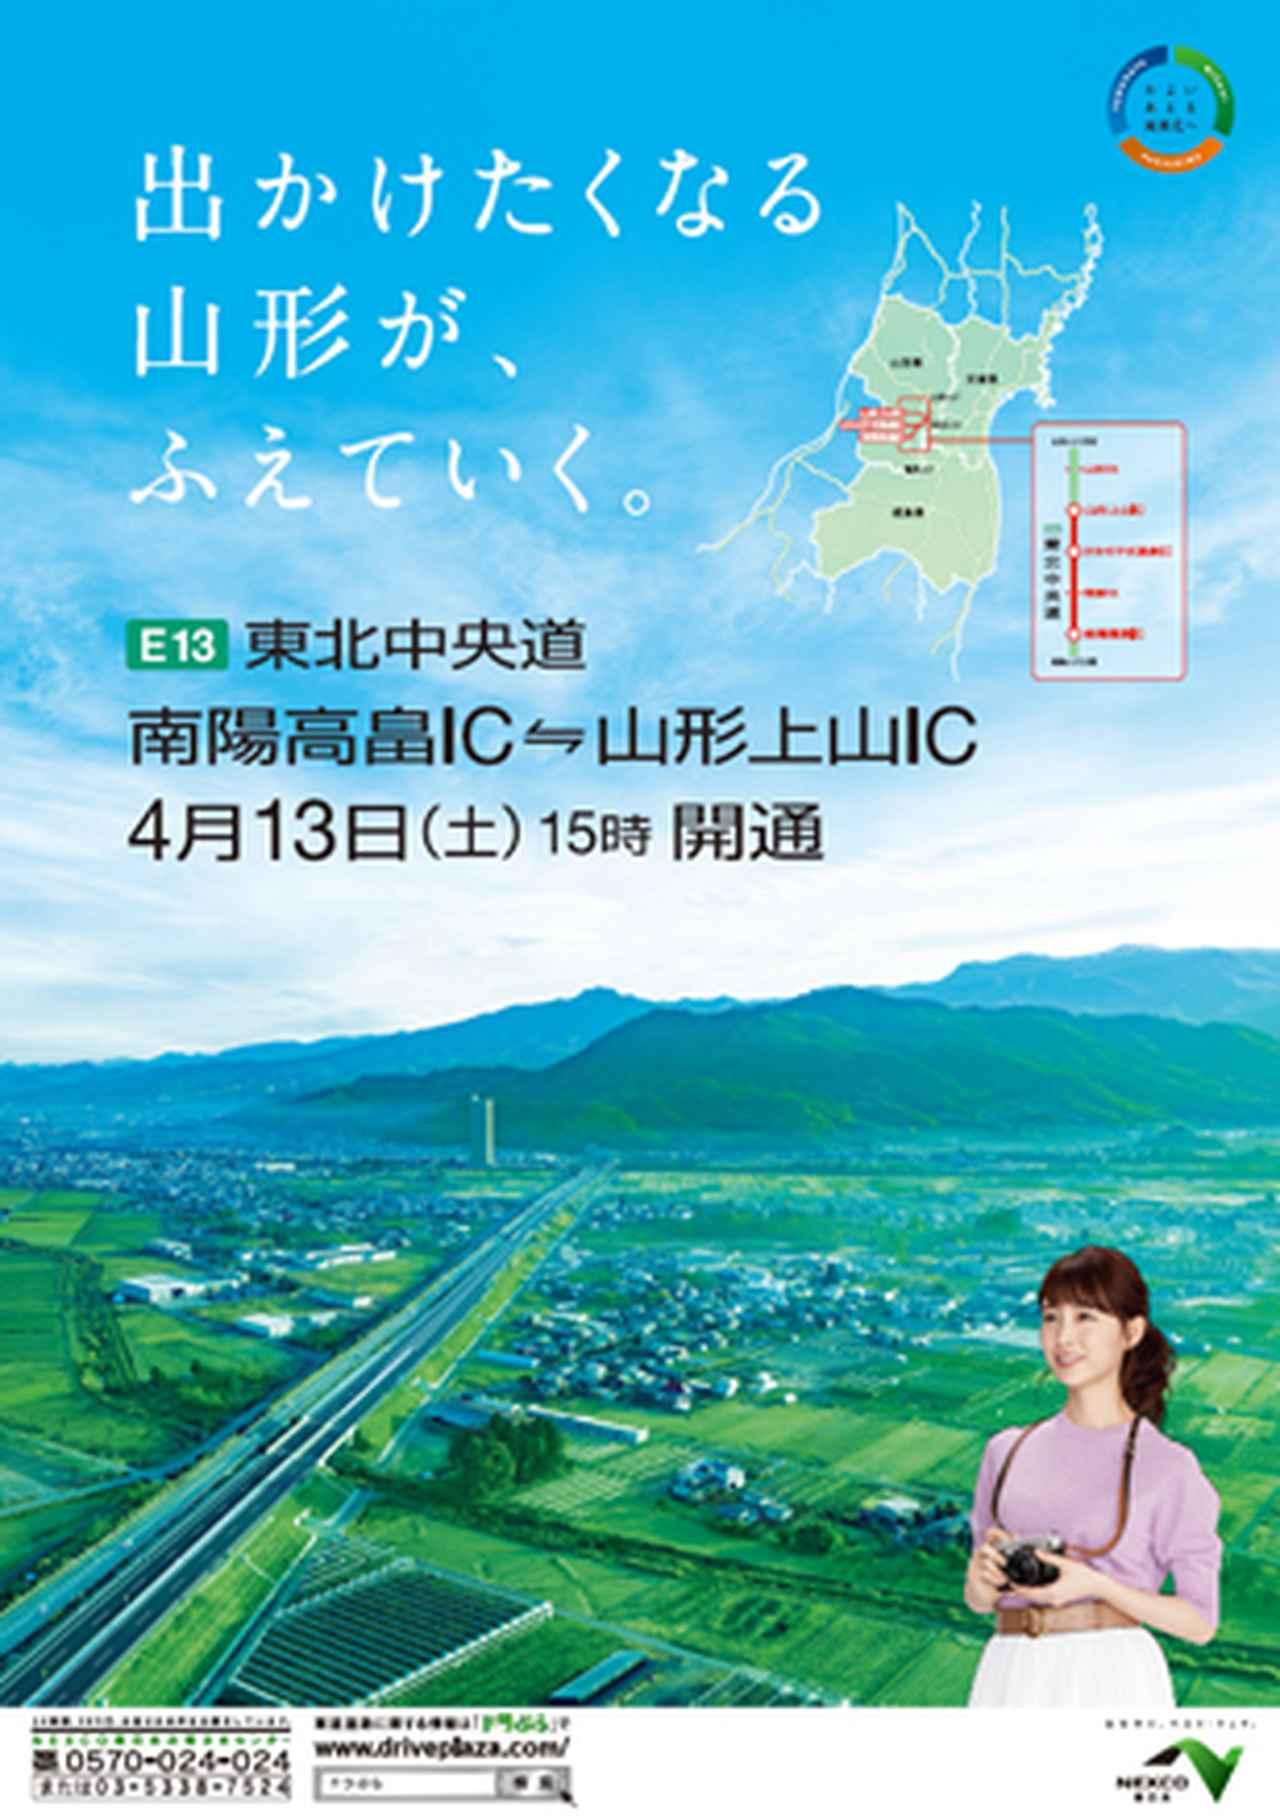 画像: 【E13】東北中央道 南陽高畠IC⇔山形上山IC 開通   ドラぷら